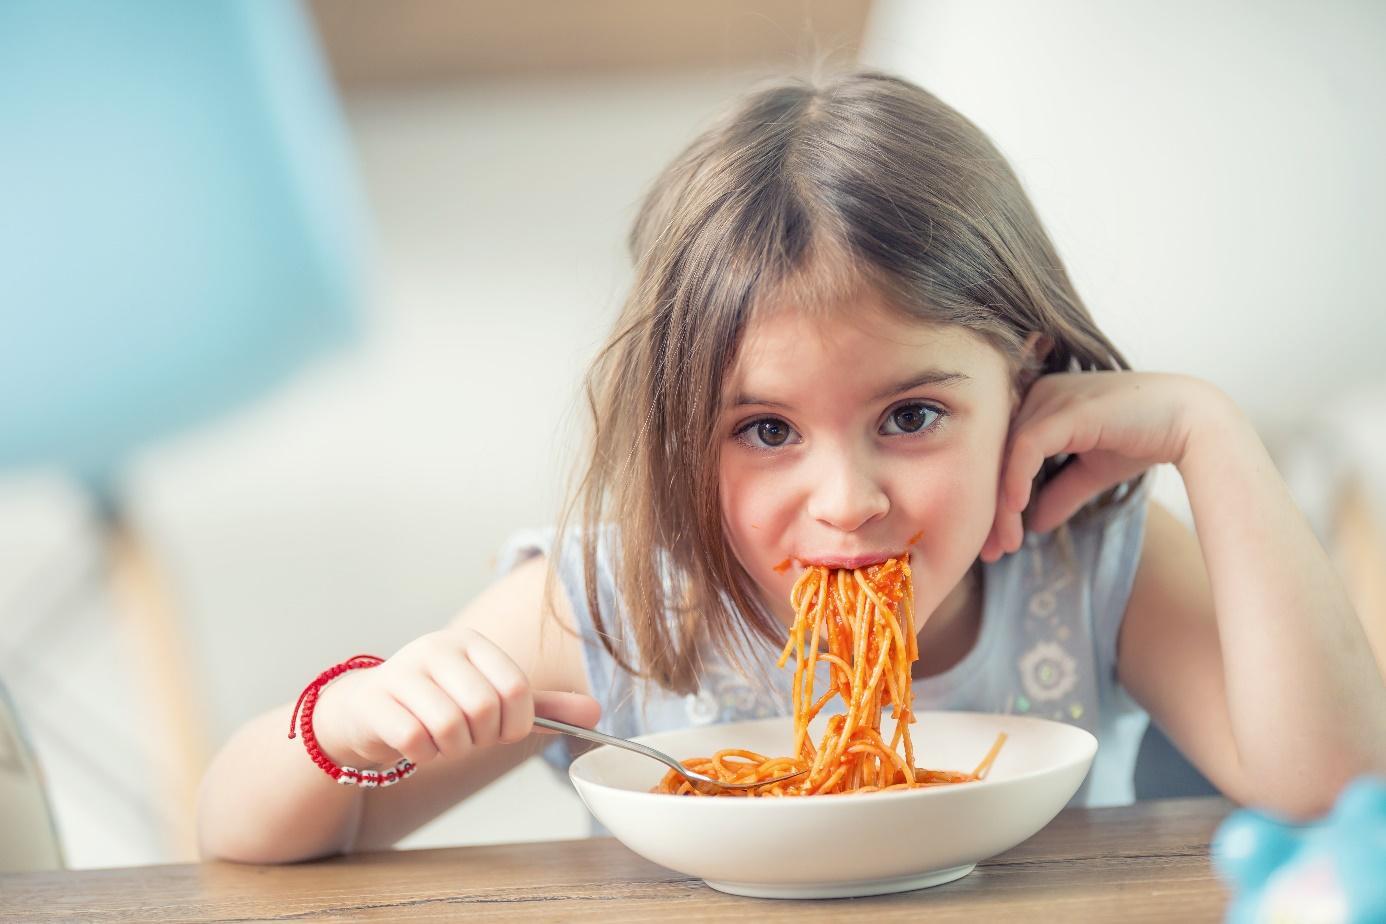 Zadławienie u dziecka, osoby dorosłej i seniora. 5 najczęstszych przyczyn